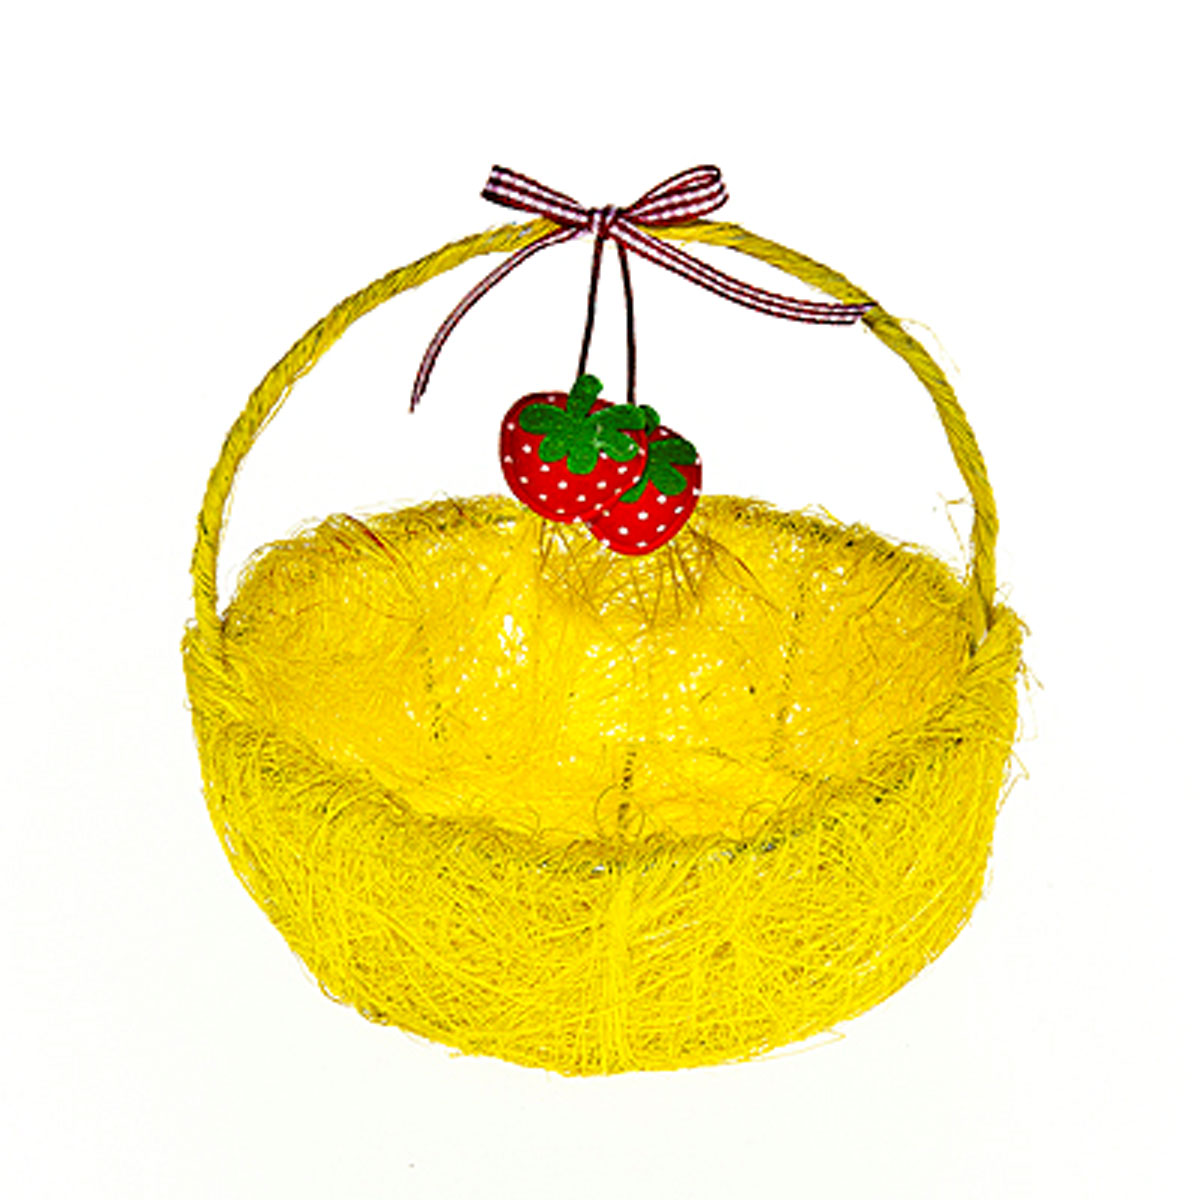 Корзина декоративная Home Queen Ягоды, цвет: желтый, 14 см х 13 см х 5 см55052Декоративная корзина Home Queen Ягоды предназначена для хранения различных мелочей и аксессуаров. Изделие имеет металлический каркас, обтянутый нитями из полиэстера. Корзина оснащена удобной ручкой и декорирована подвесным украшением в виде текстильных ягод с бантиком.Такая корзина станет оригинальным и необычным подарком или украшением интерьера. Размер корзины: 14 см х 13 см х 5 см.Диаметр дна: 10 см.Высота ручки: 10 см.